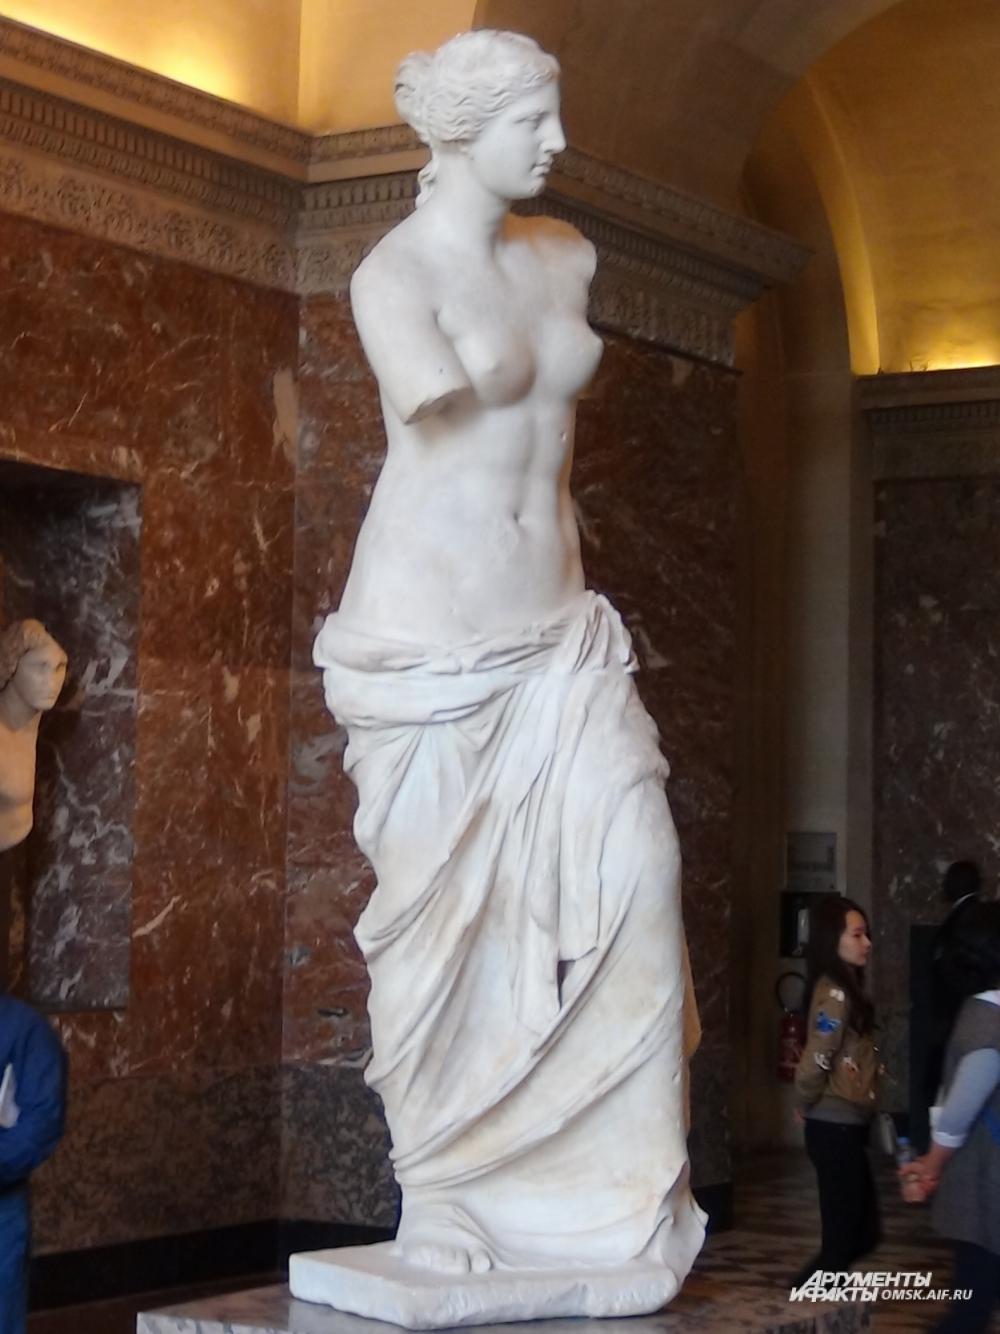 Лувр можно назвать универсальным музеем: здесь представлены абсолютно разные экспонаты.